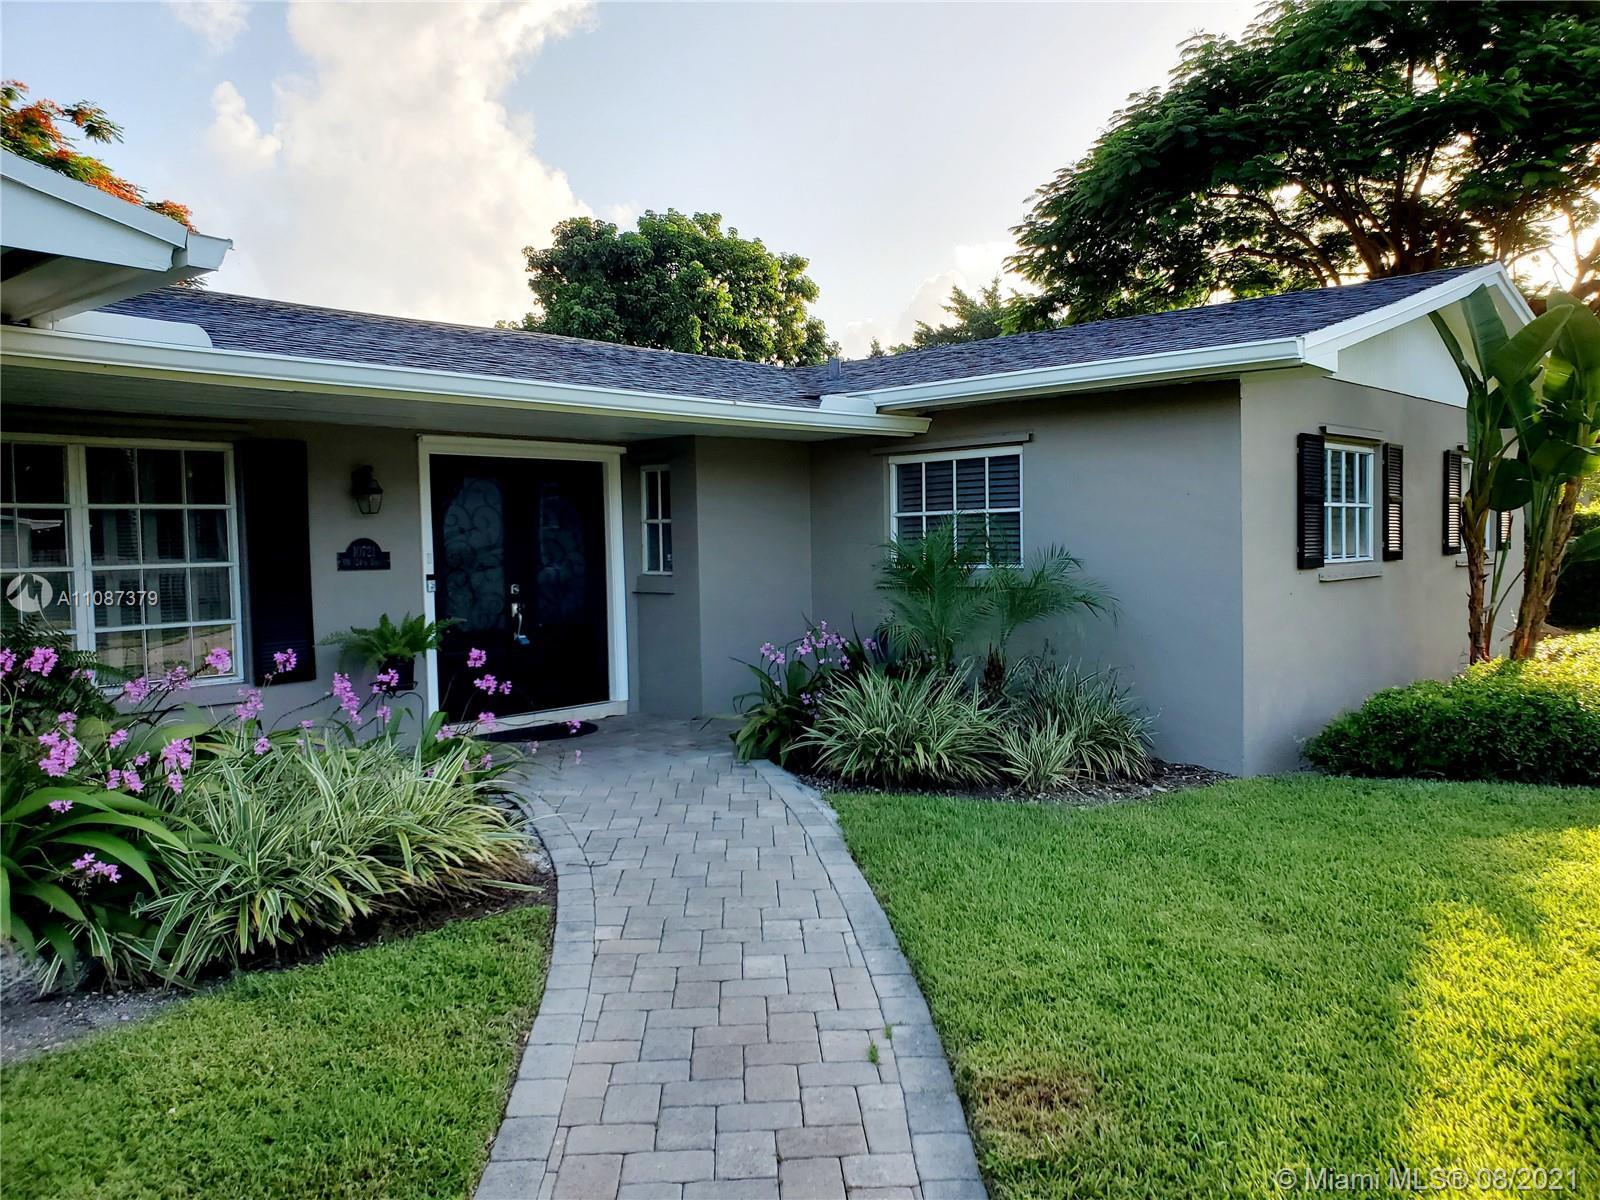 Pine Shore - 10721 SW 124th St, Miami, FL 33176